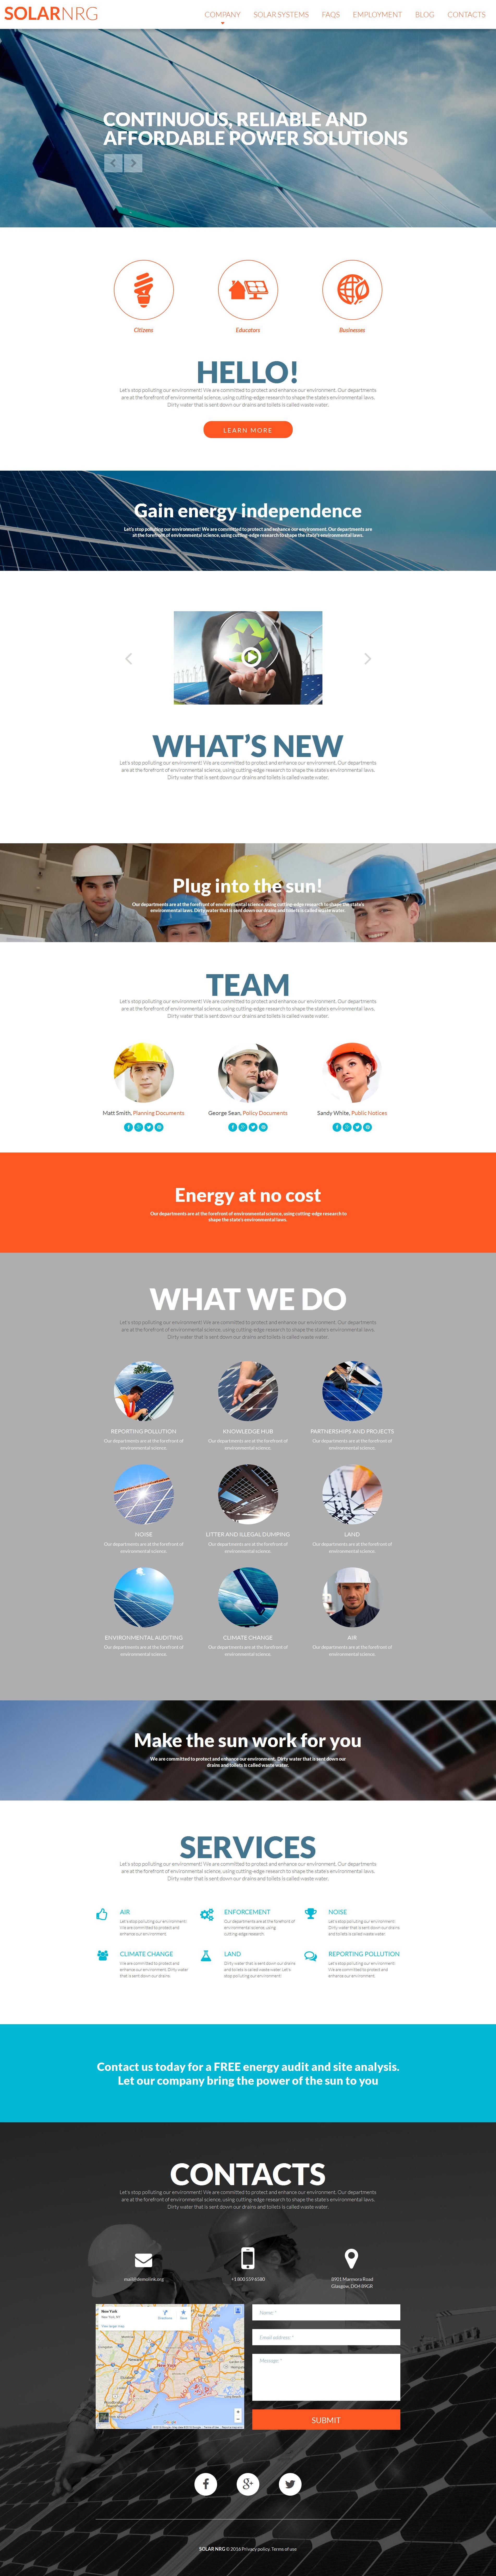 Responsywny szablon Moto CMS 3 #58800 na temat: energia słoneczna - zrzut ekranu